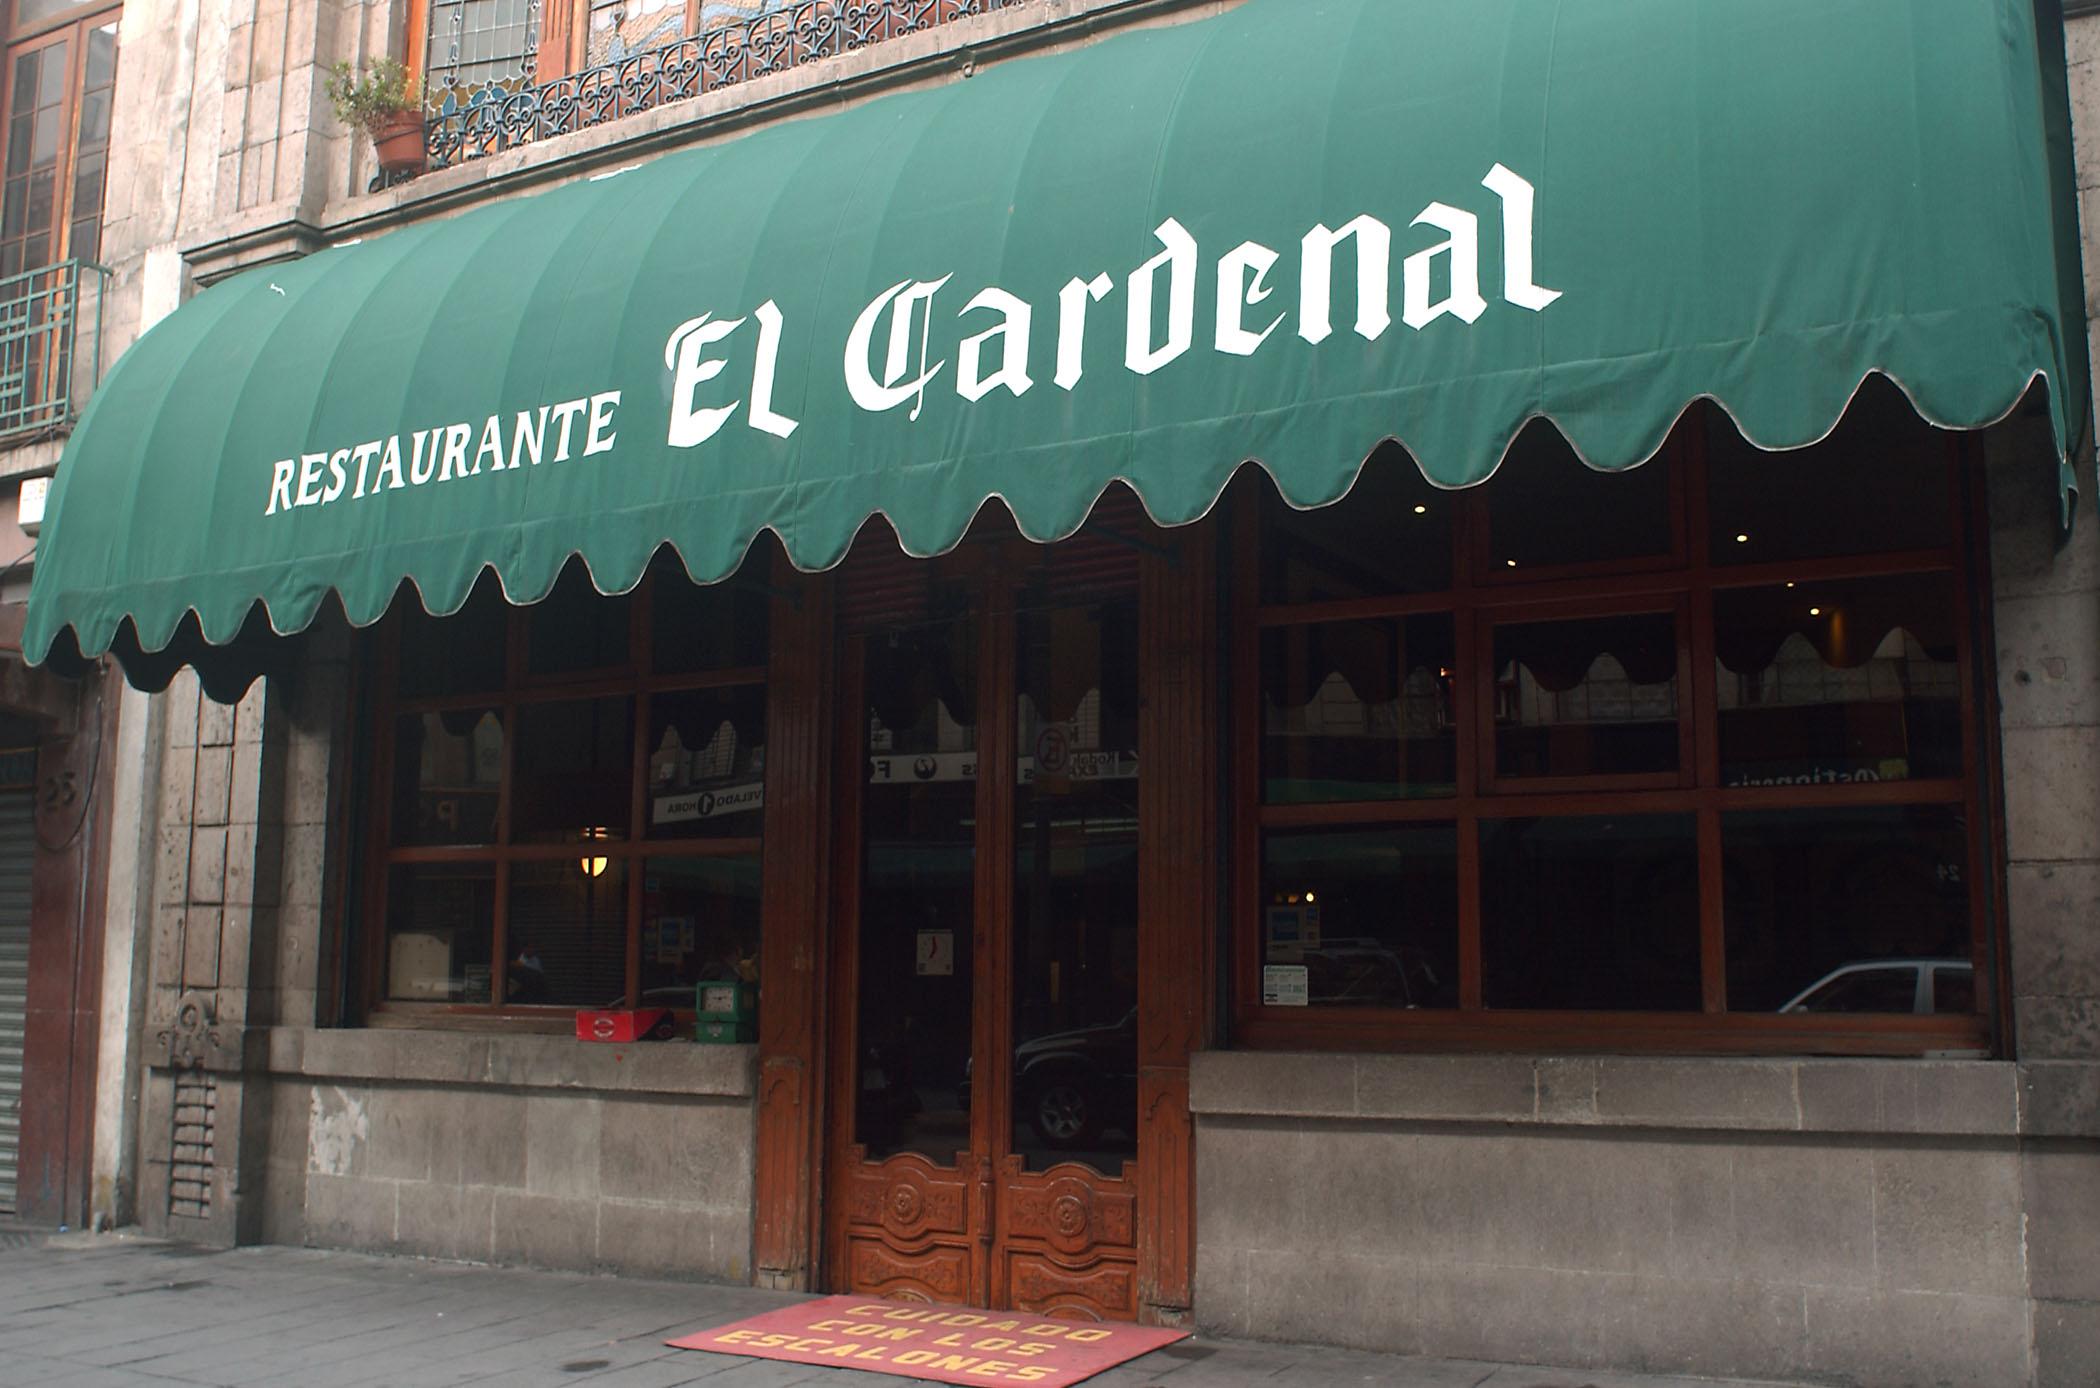 el-cardenal.jpg